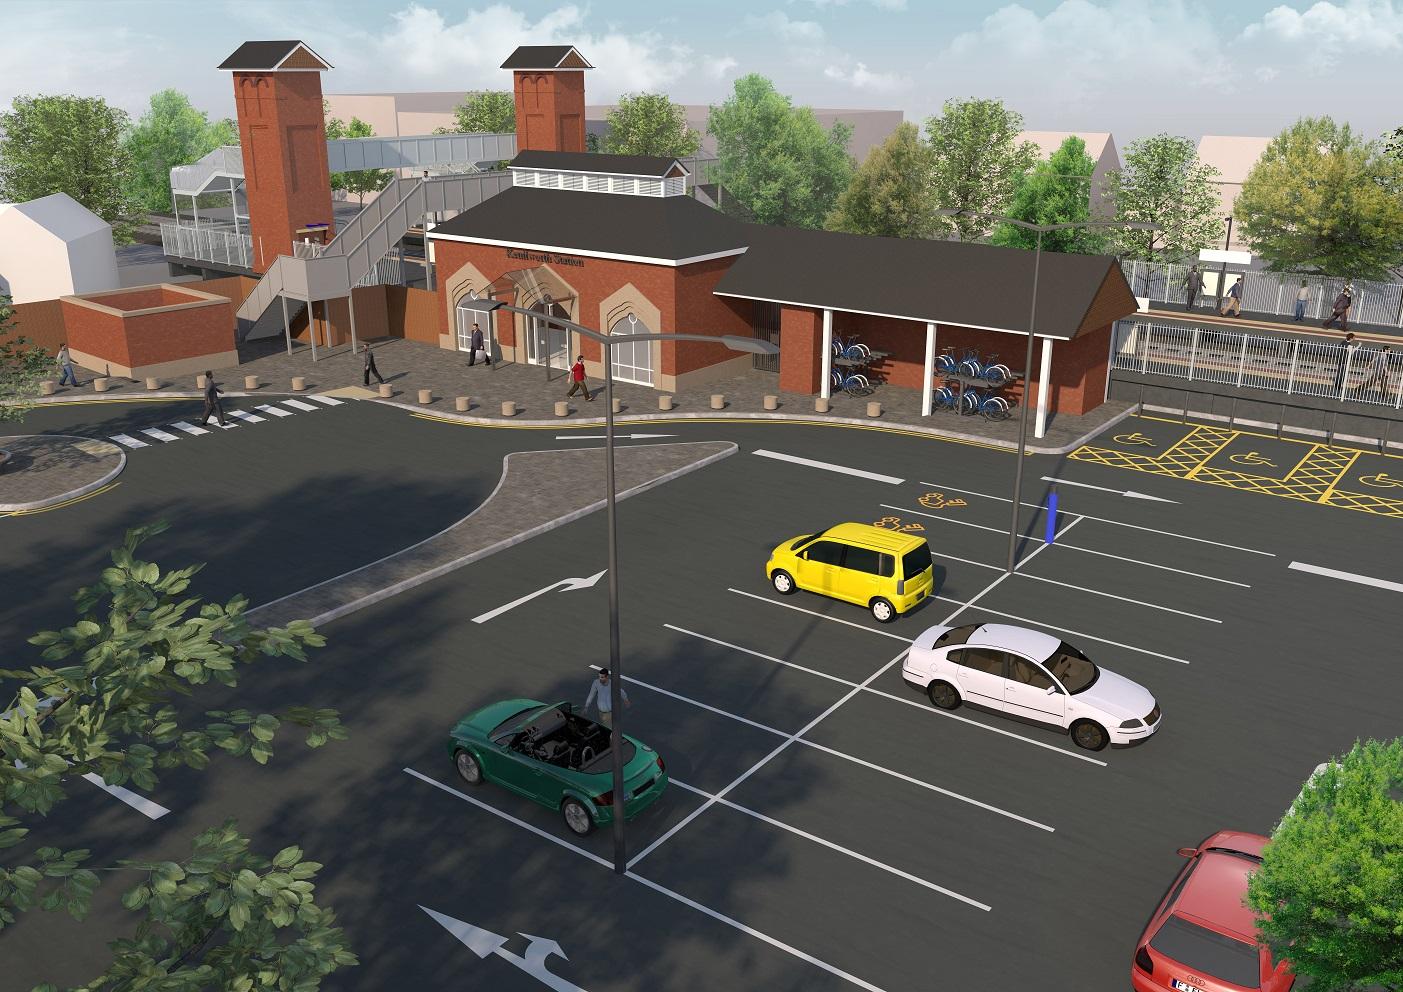 Kenilworth Station concept design